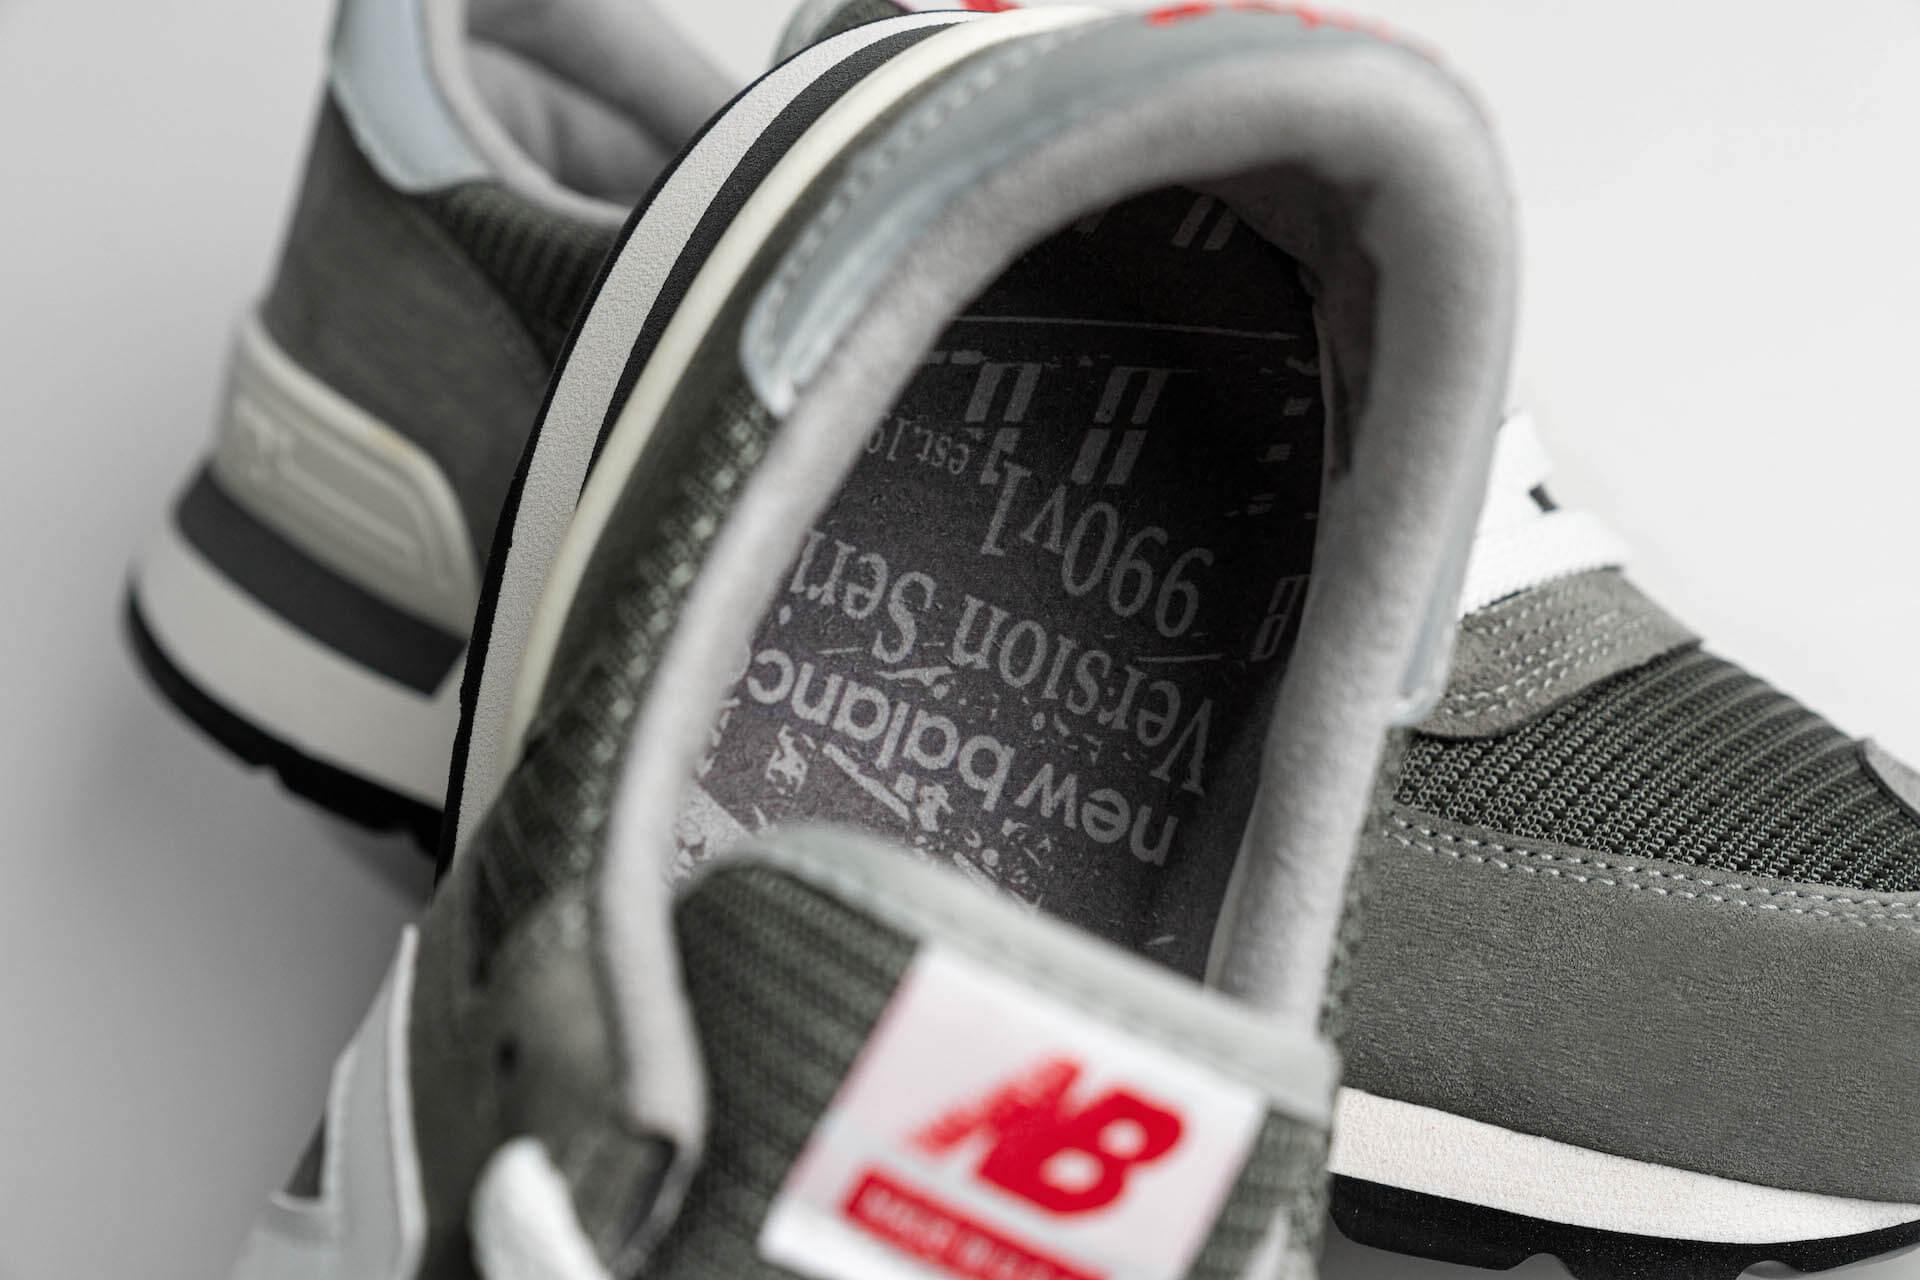 ニューバランス「990バージョン」シリーズの過去バージョンが続々再販決定!「990v2」「990v3」のグレー、ブラック、ネイビーも life210607_newbalance_990_4